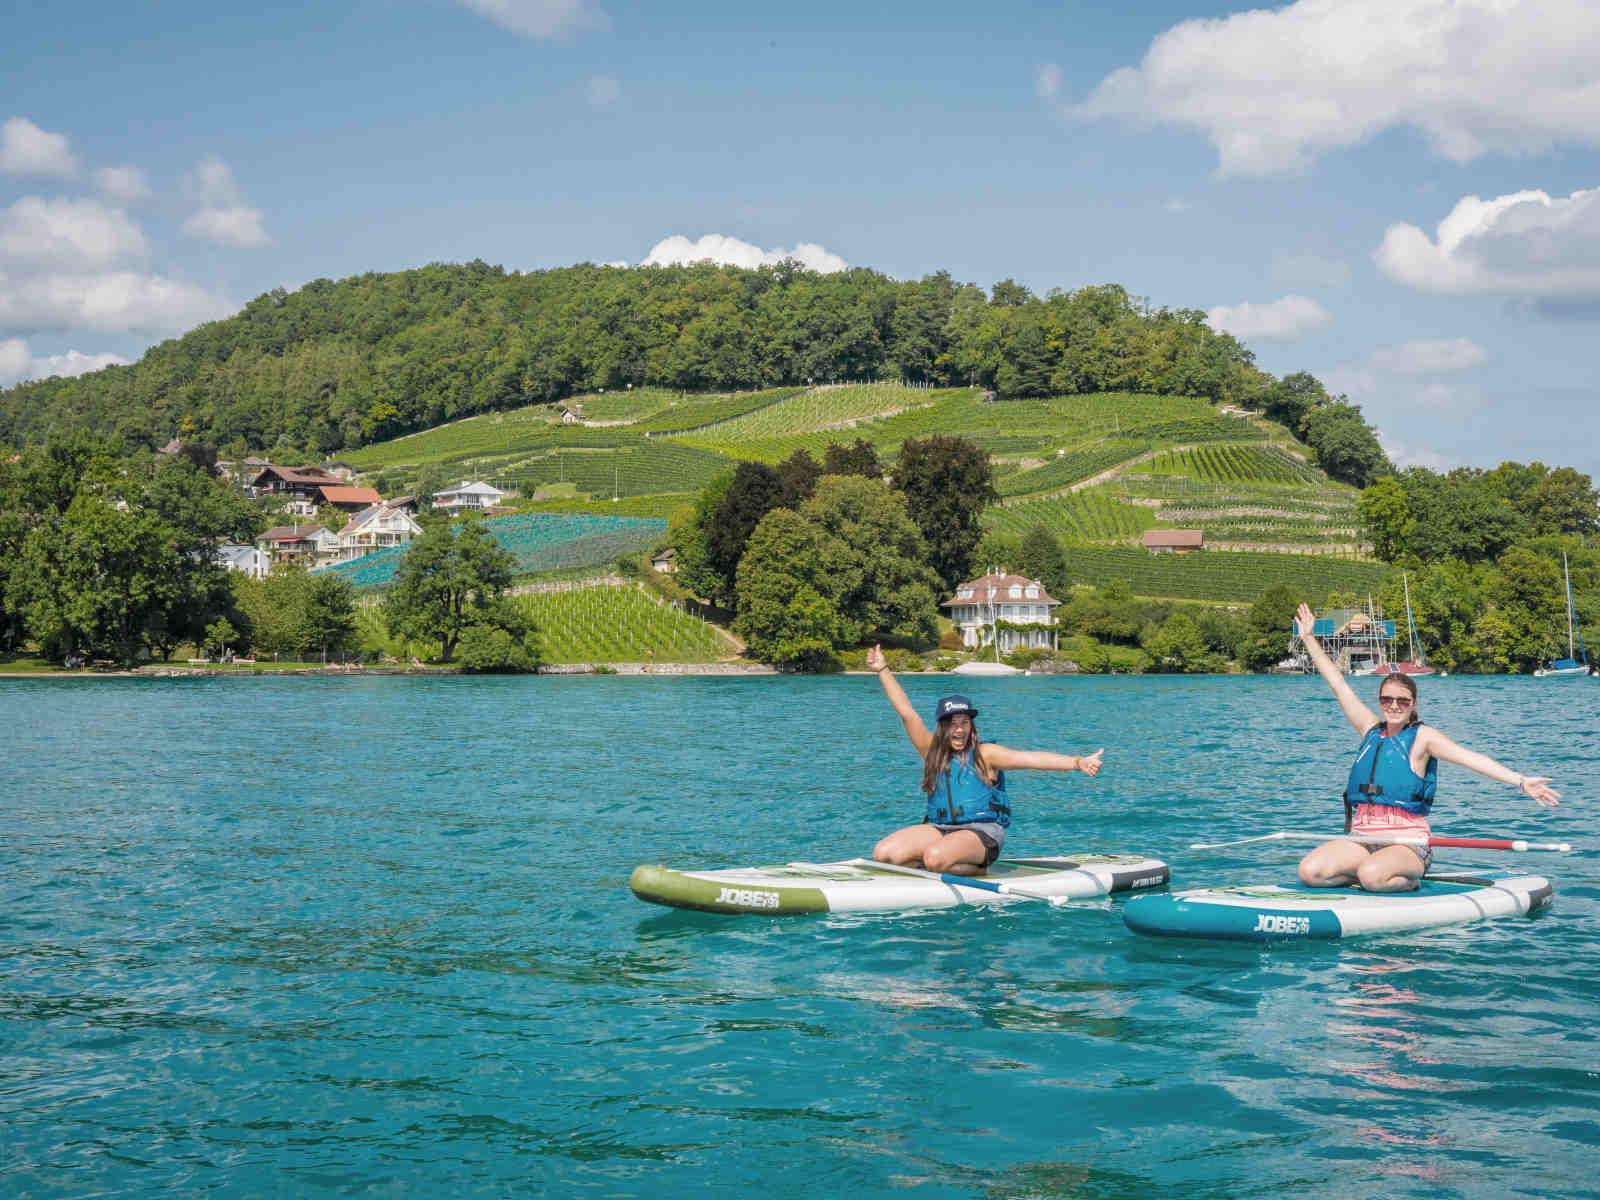 2 Frauen auf Stand Up Paddles auf dem See